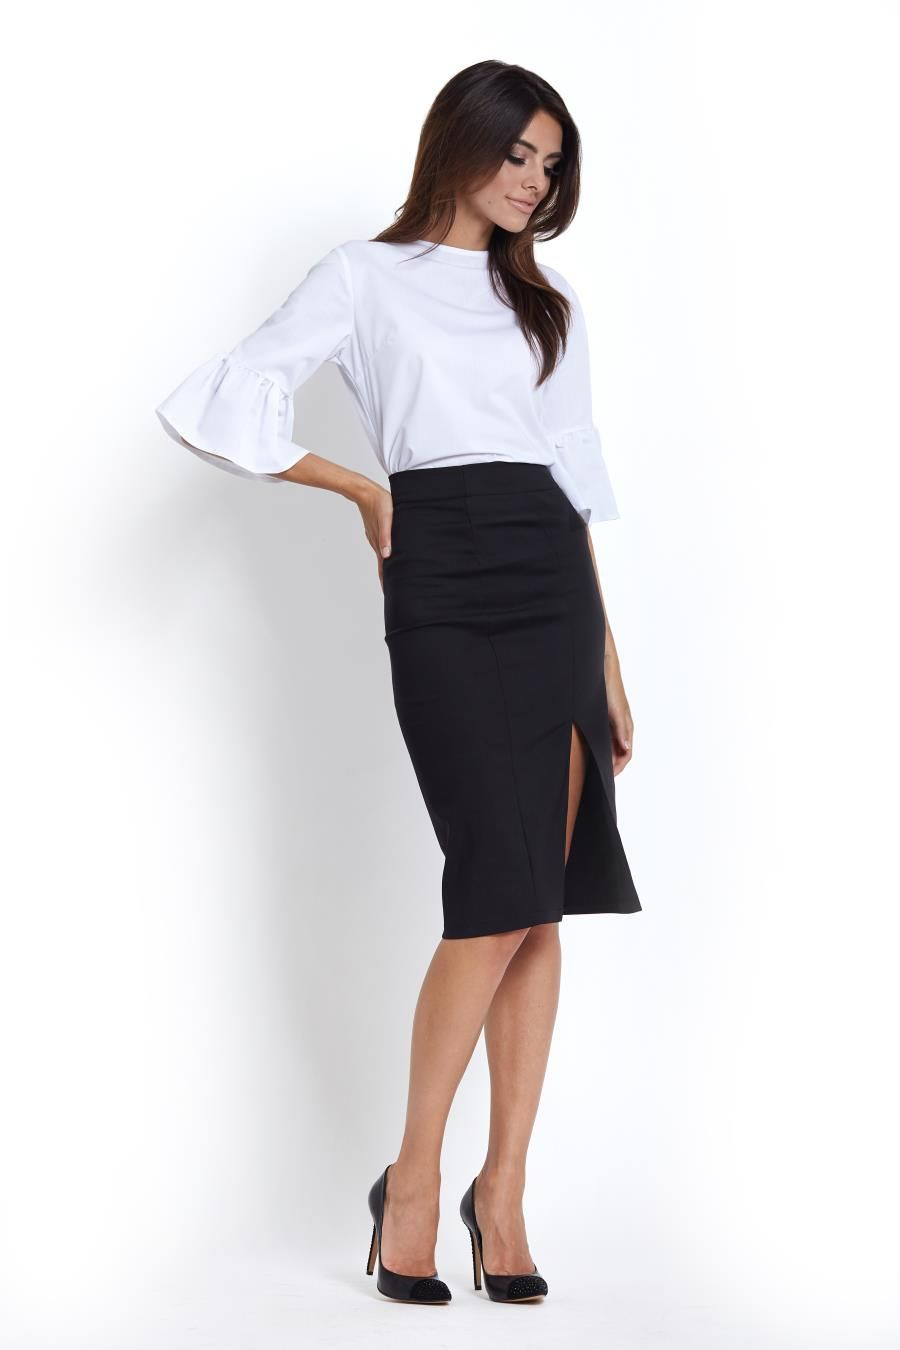 434691d2 Elegancka Spódnica Ołówkowa Czarna SP60 | Kolekcja Business Everyday ...